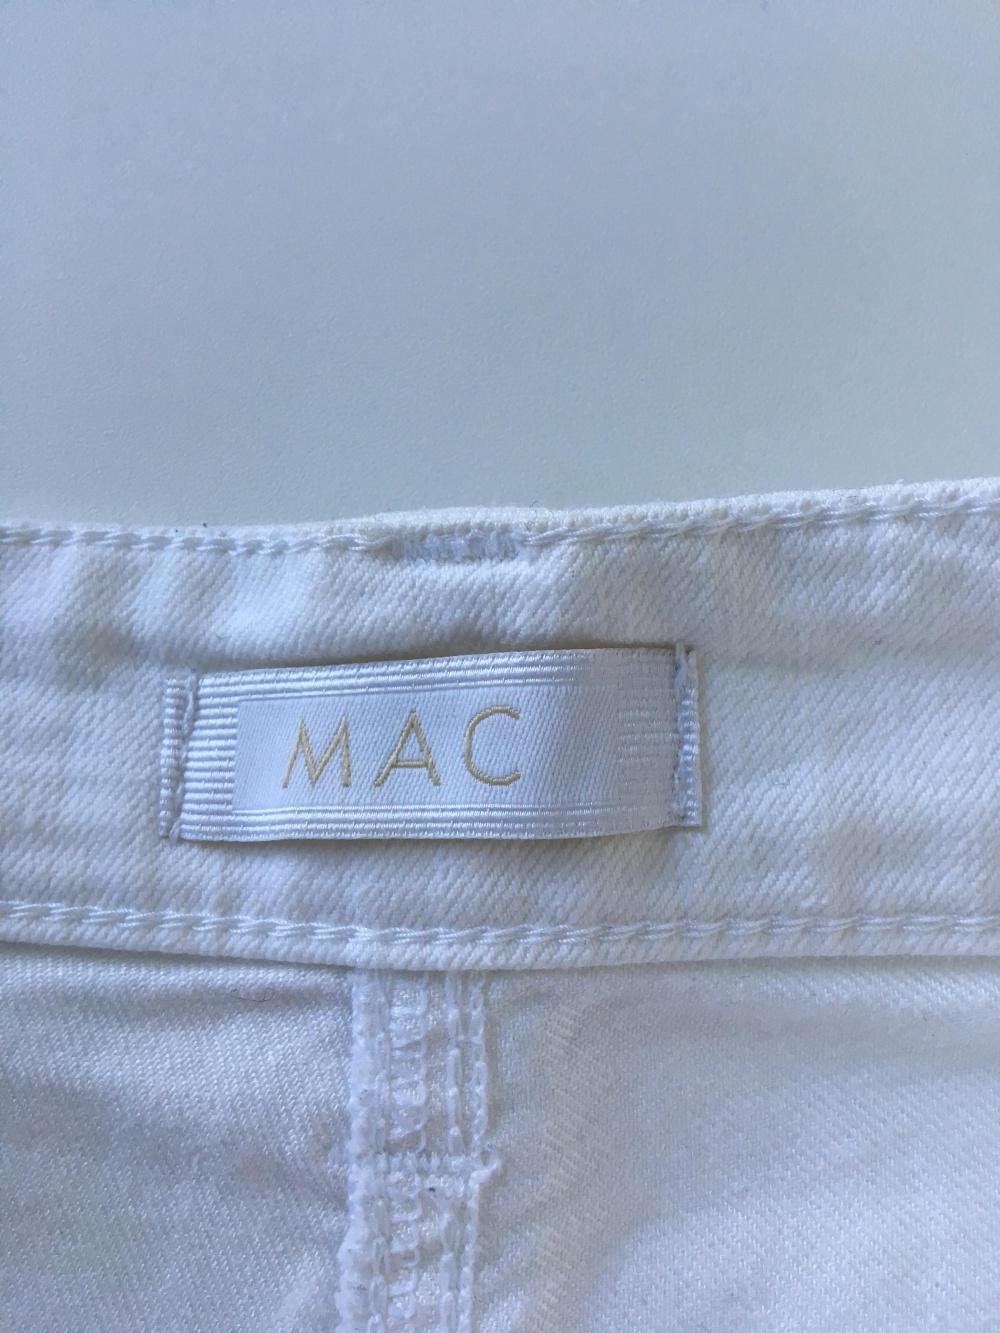 Джинсы Mac, размер S